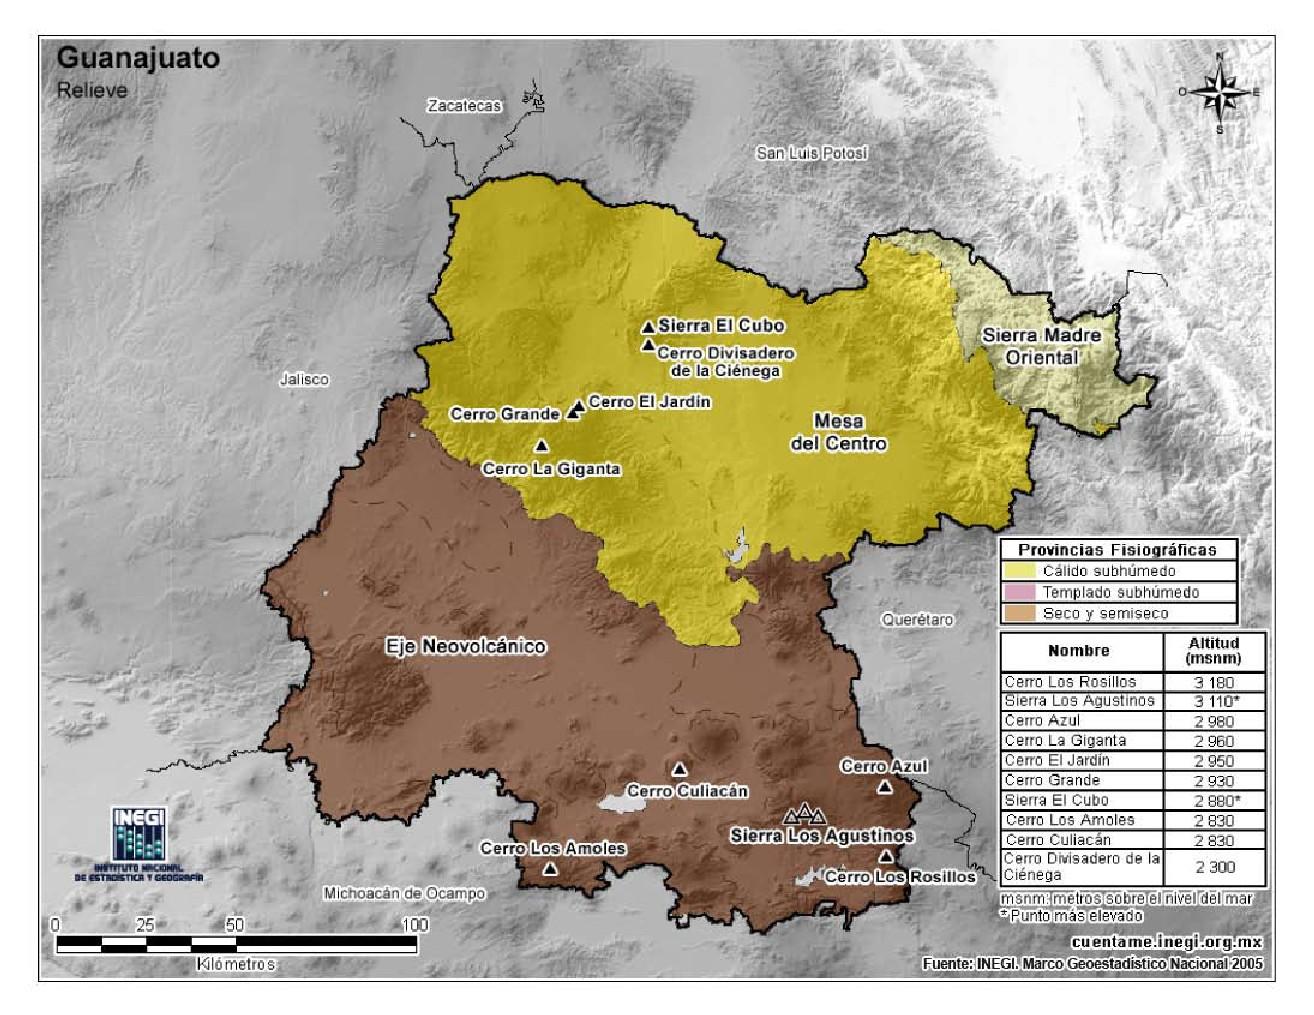 Mapa en color de montañas de Guanajuato. INEGI de México